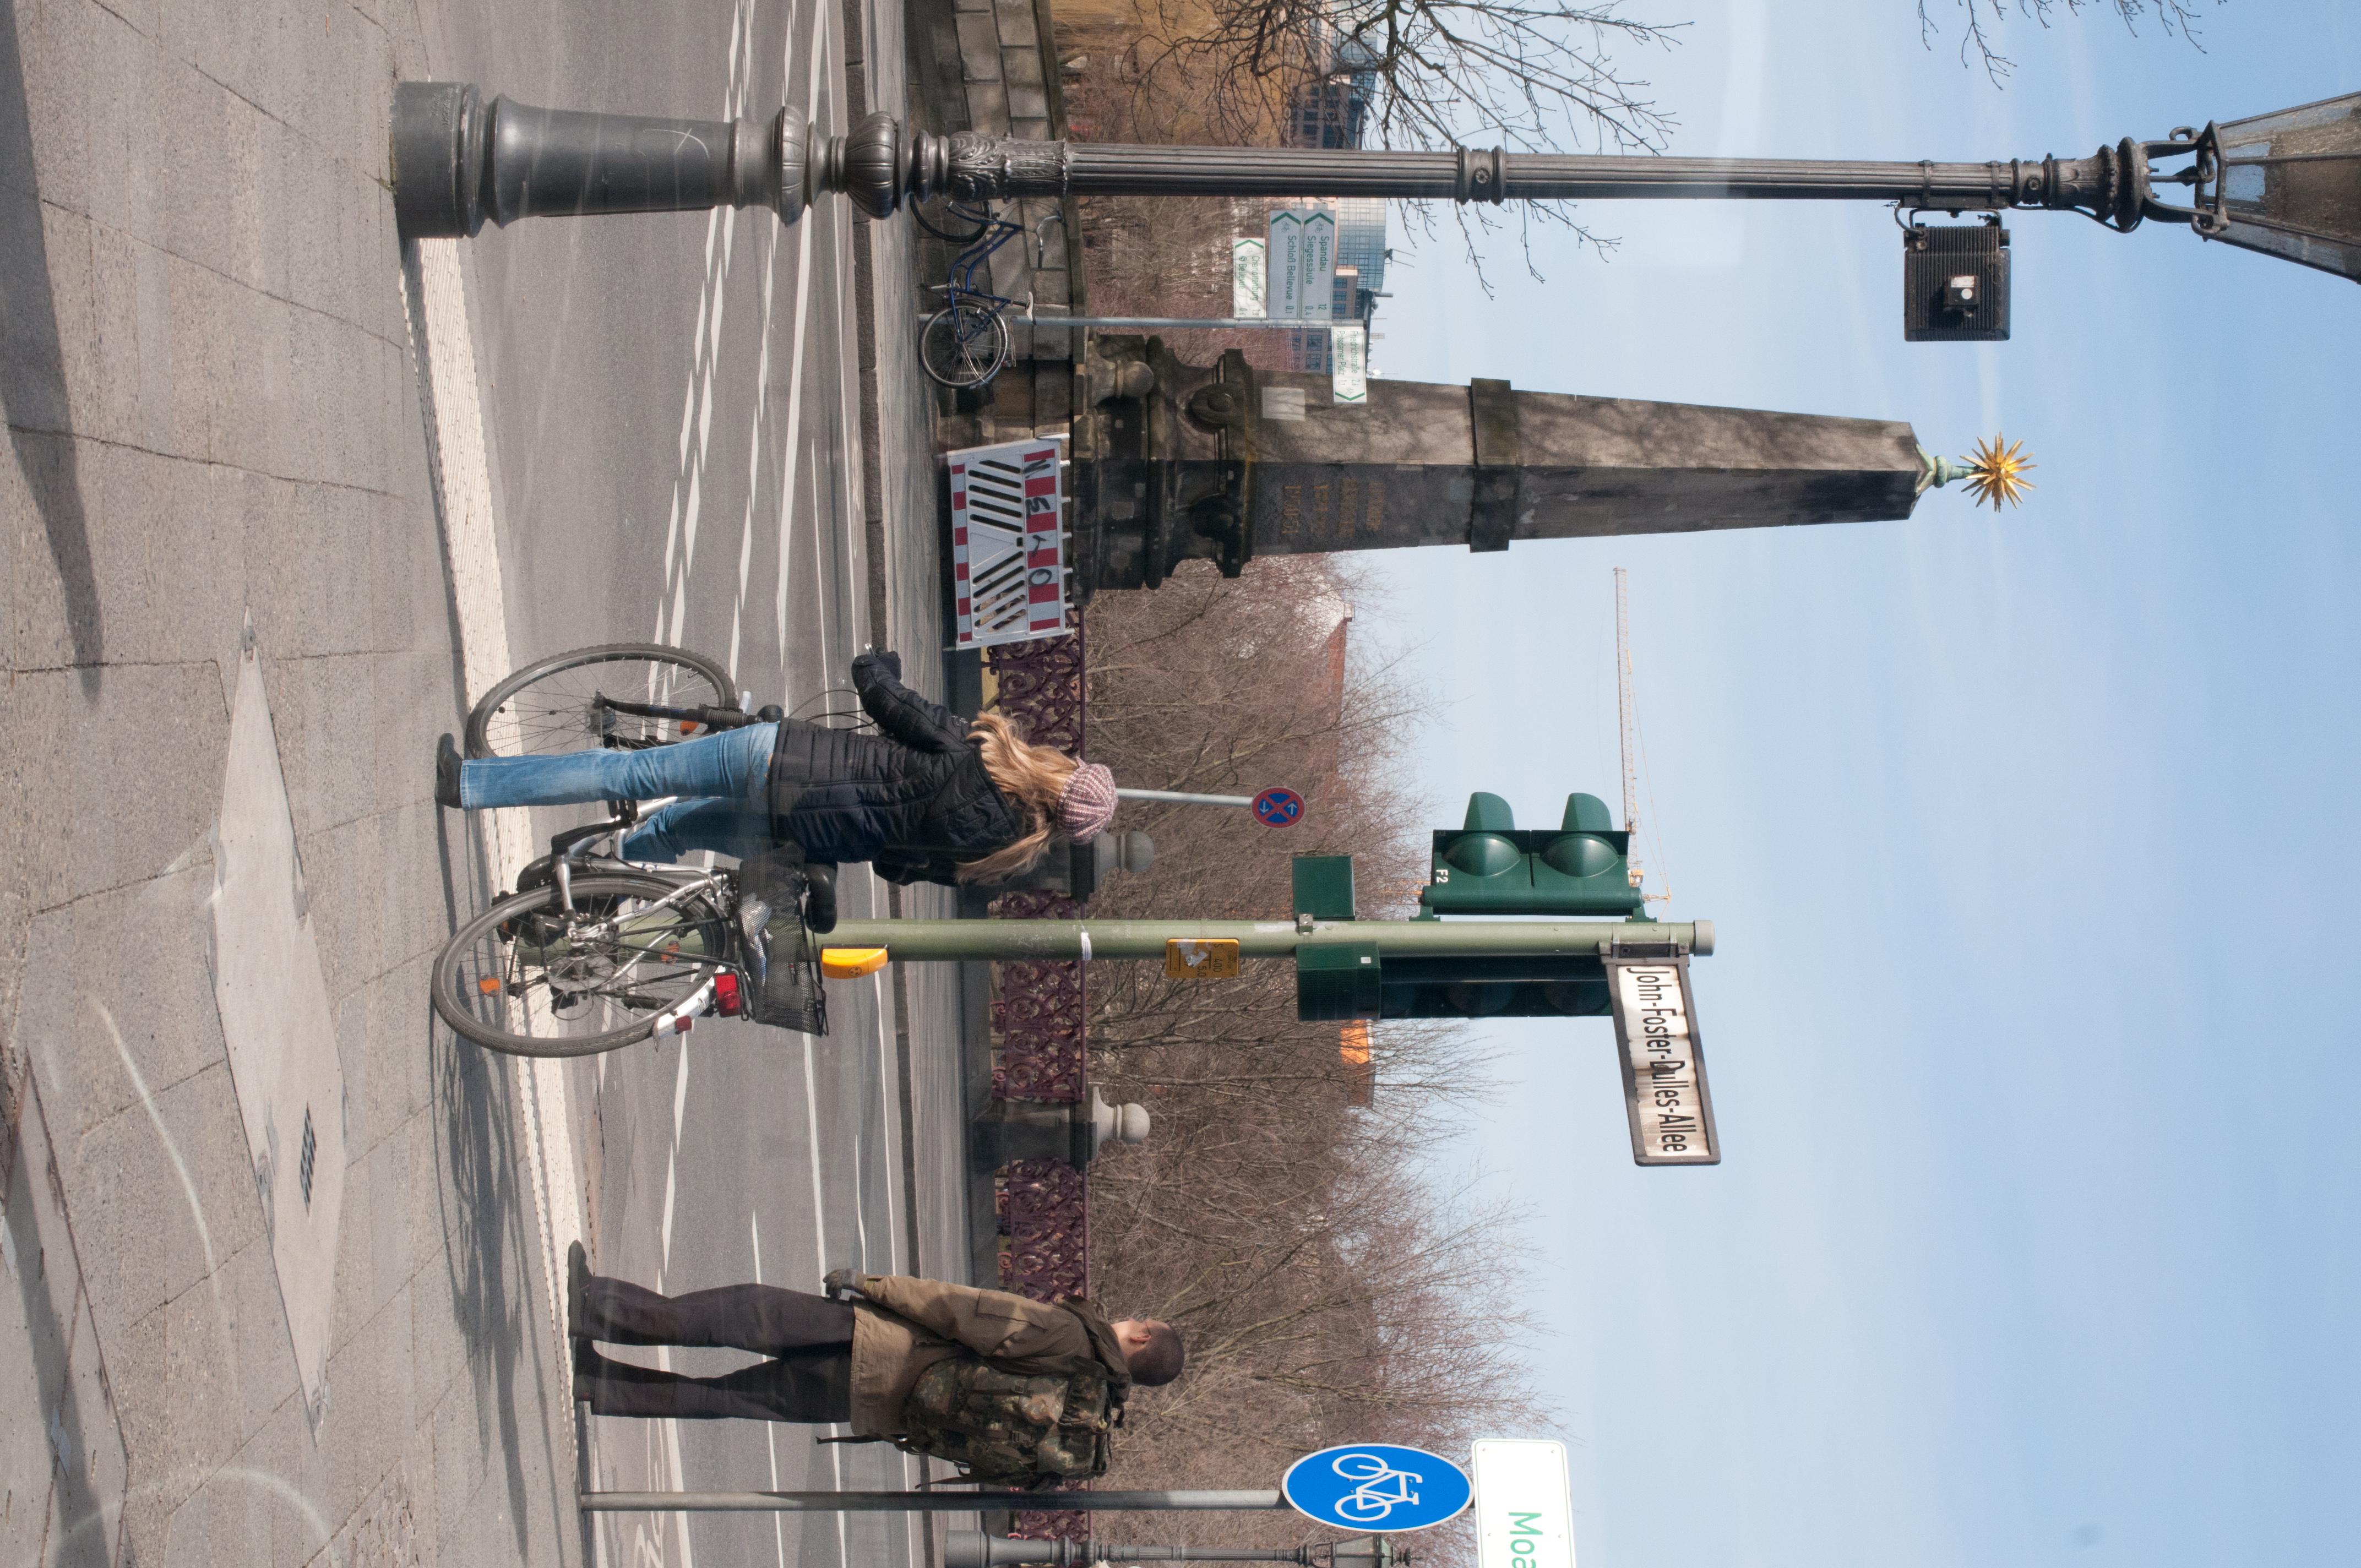 12-03-01-50mm-berlin-25.jpg